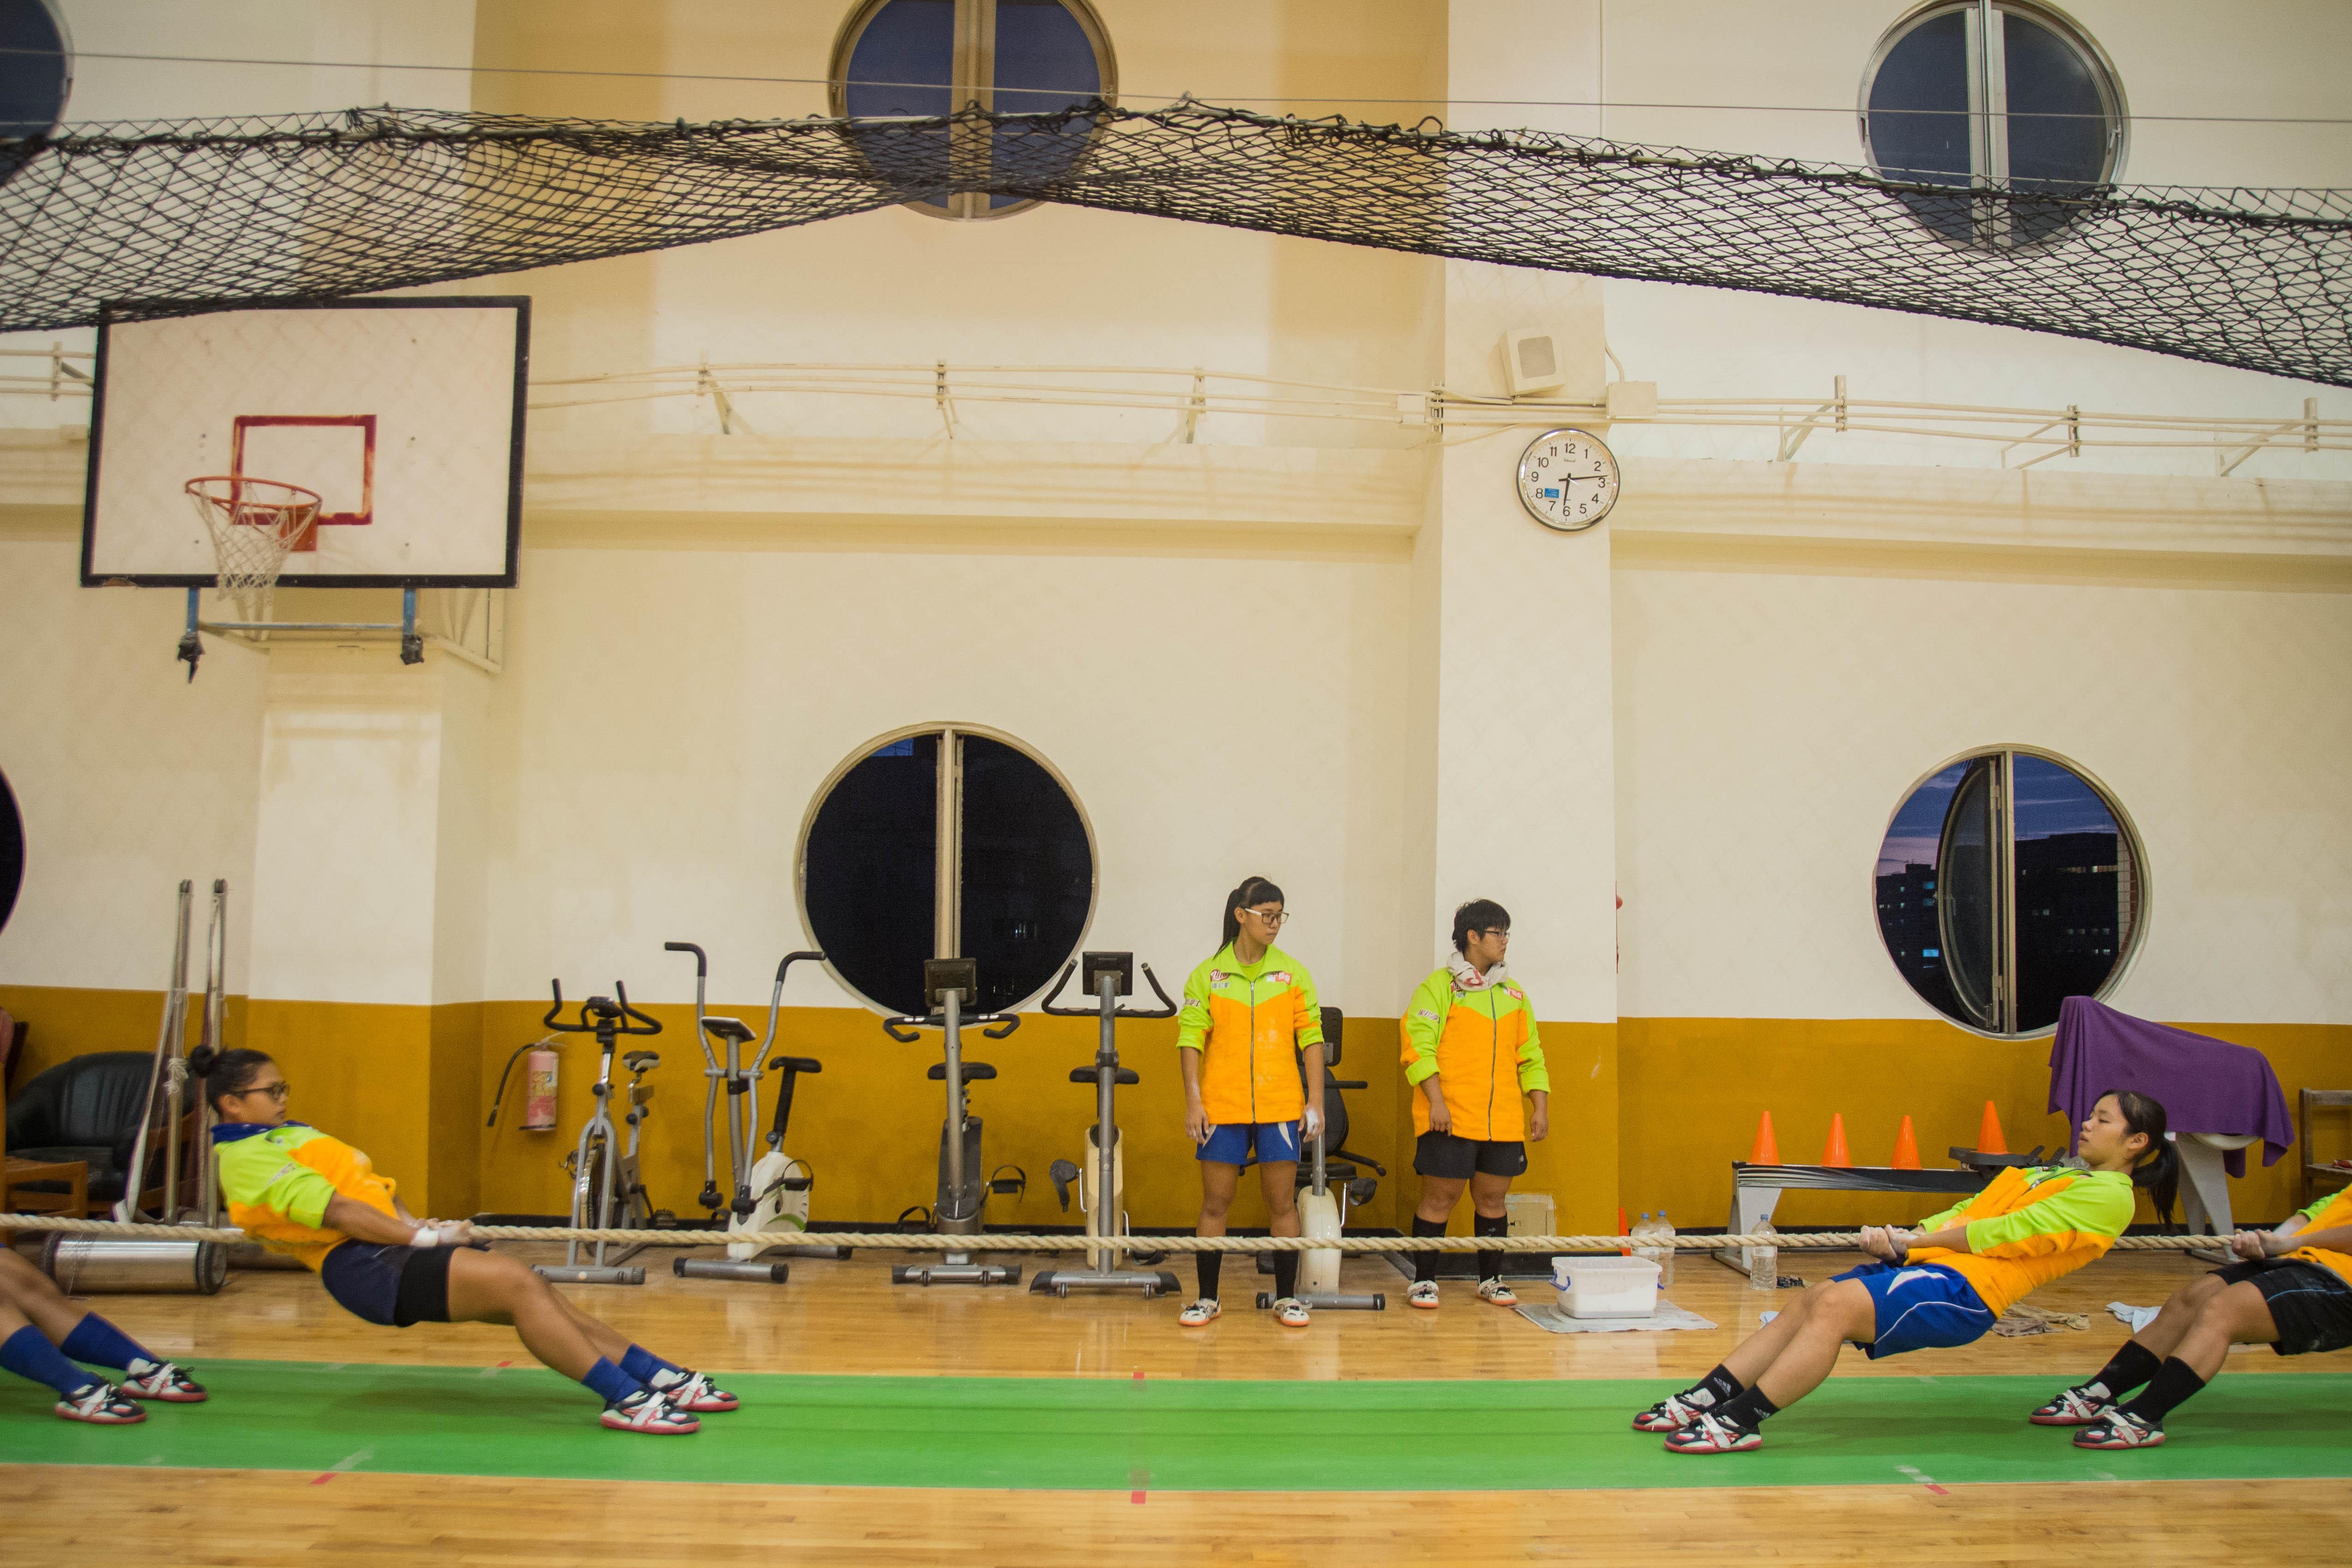 拔河隊首重團隊合作,耐力拉拔更是每天練習不可或缺的環節。